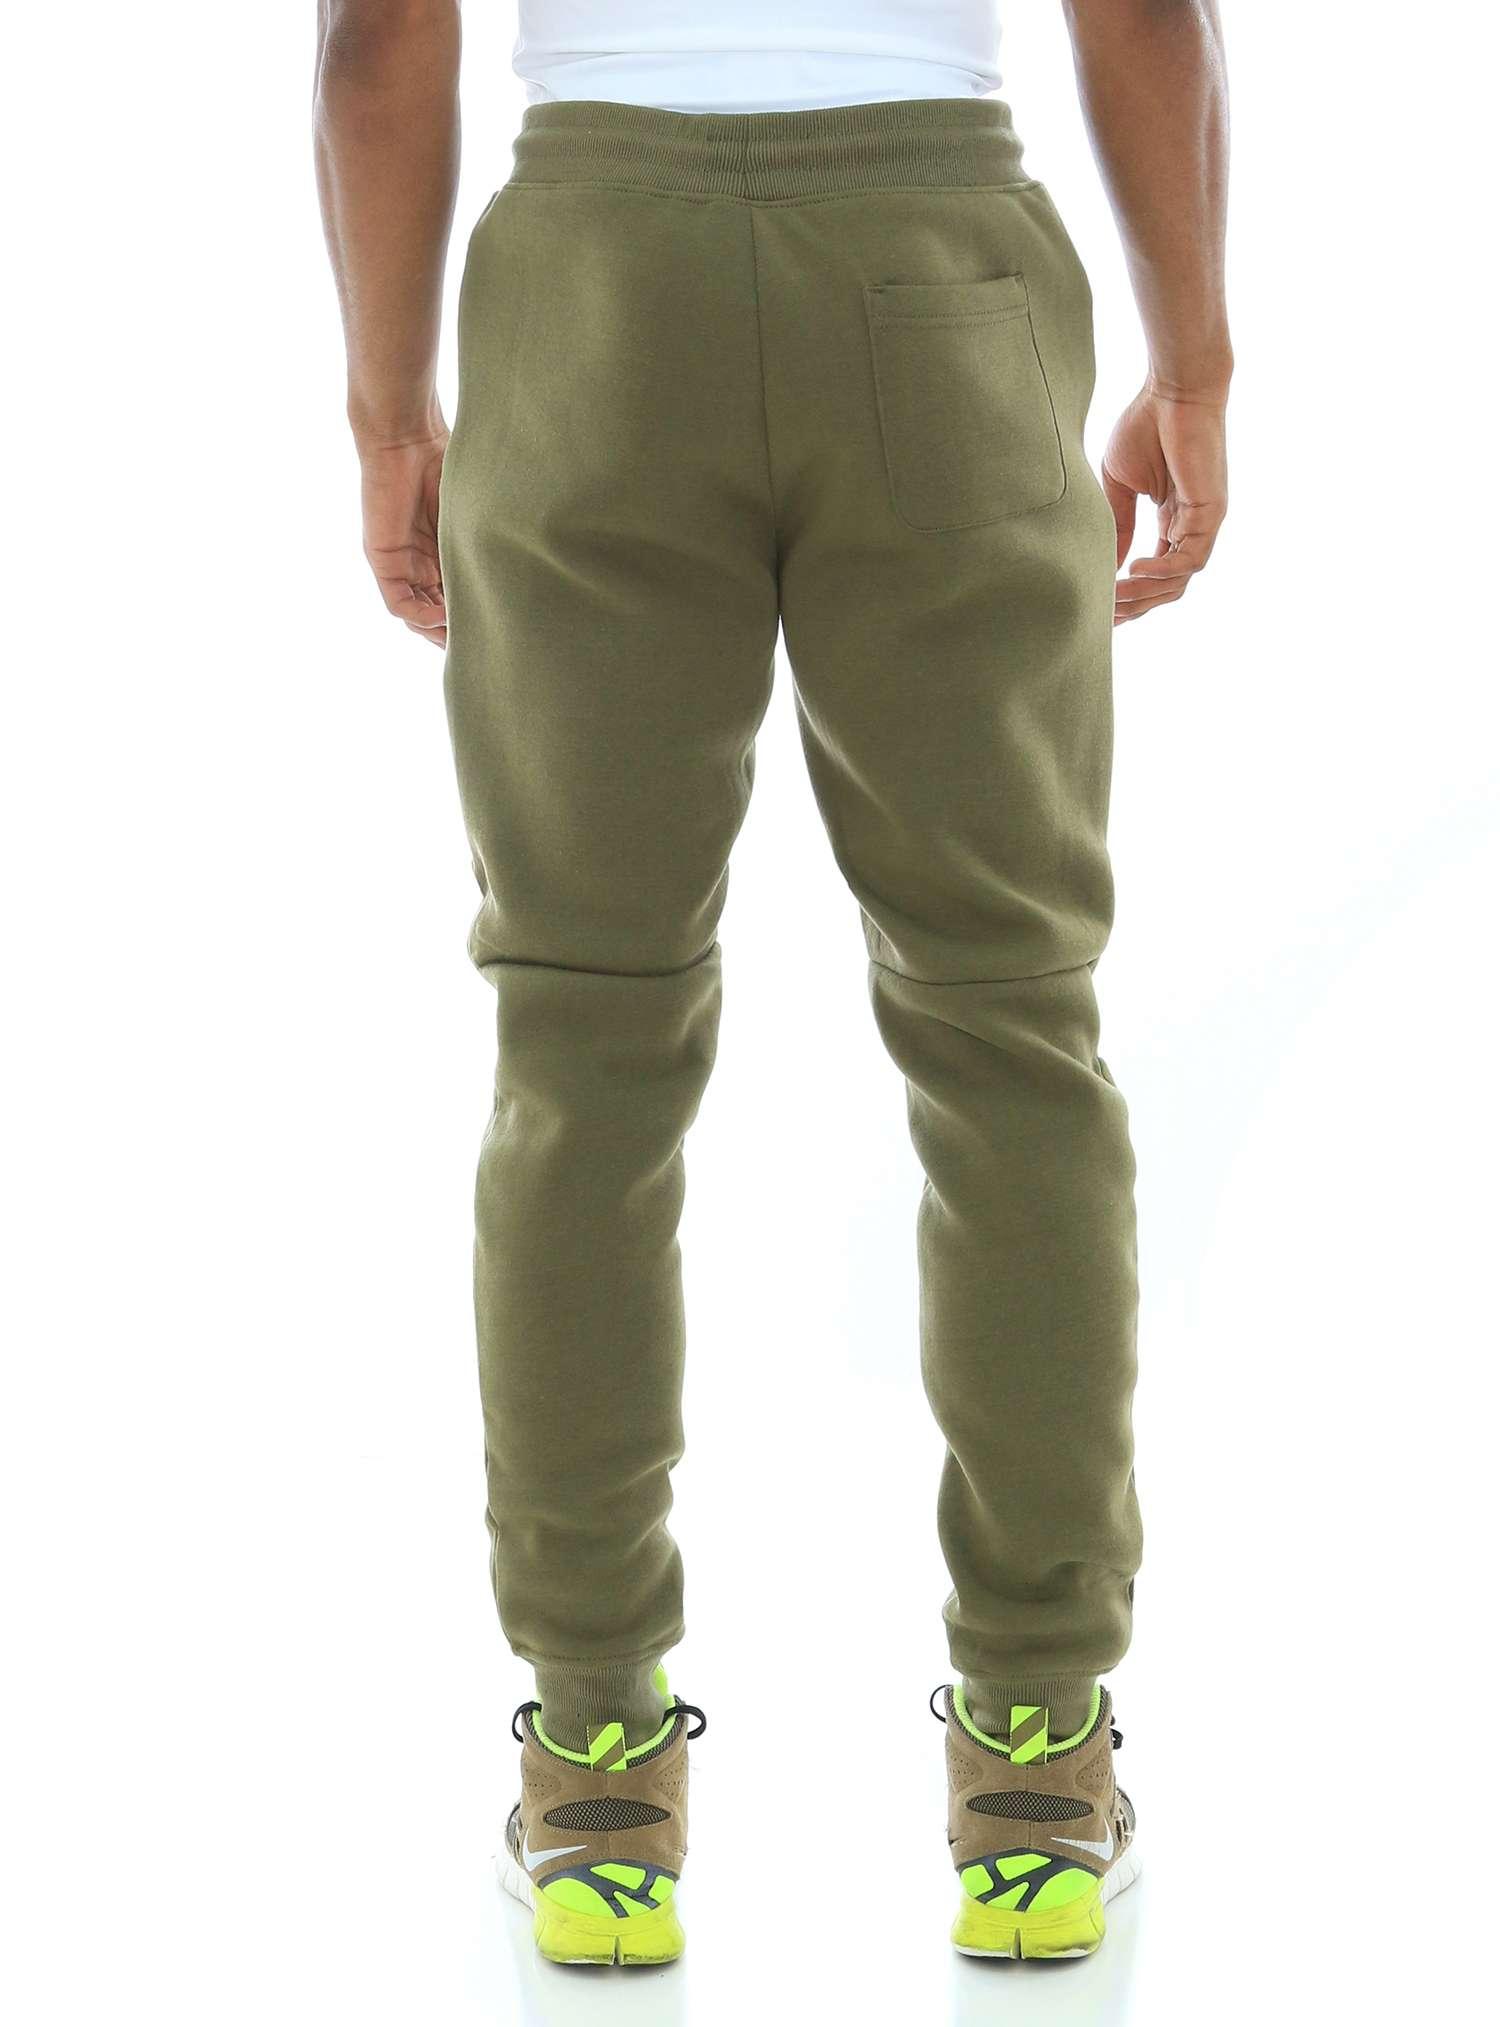 WT02 Men's Fleece Jogger Sweatpants With Bonded Zippers